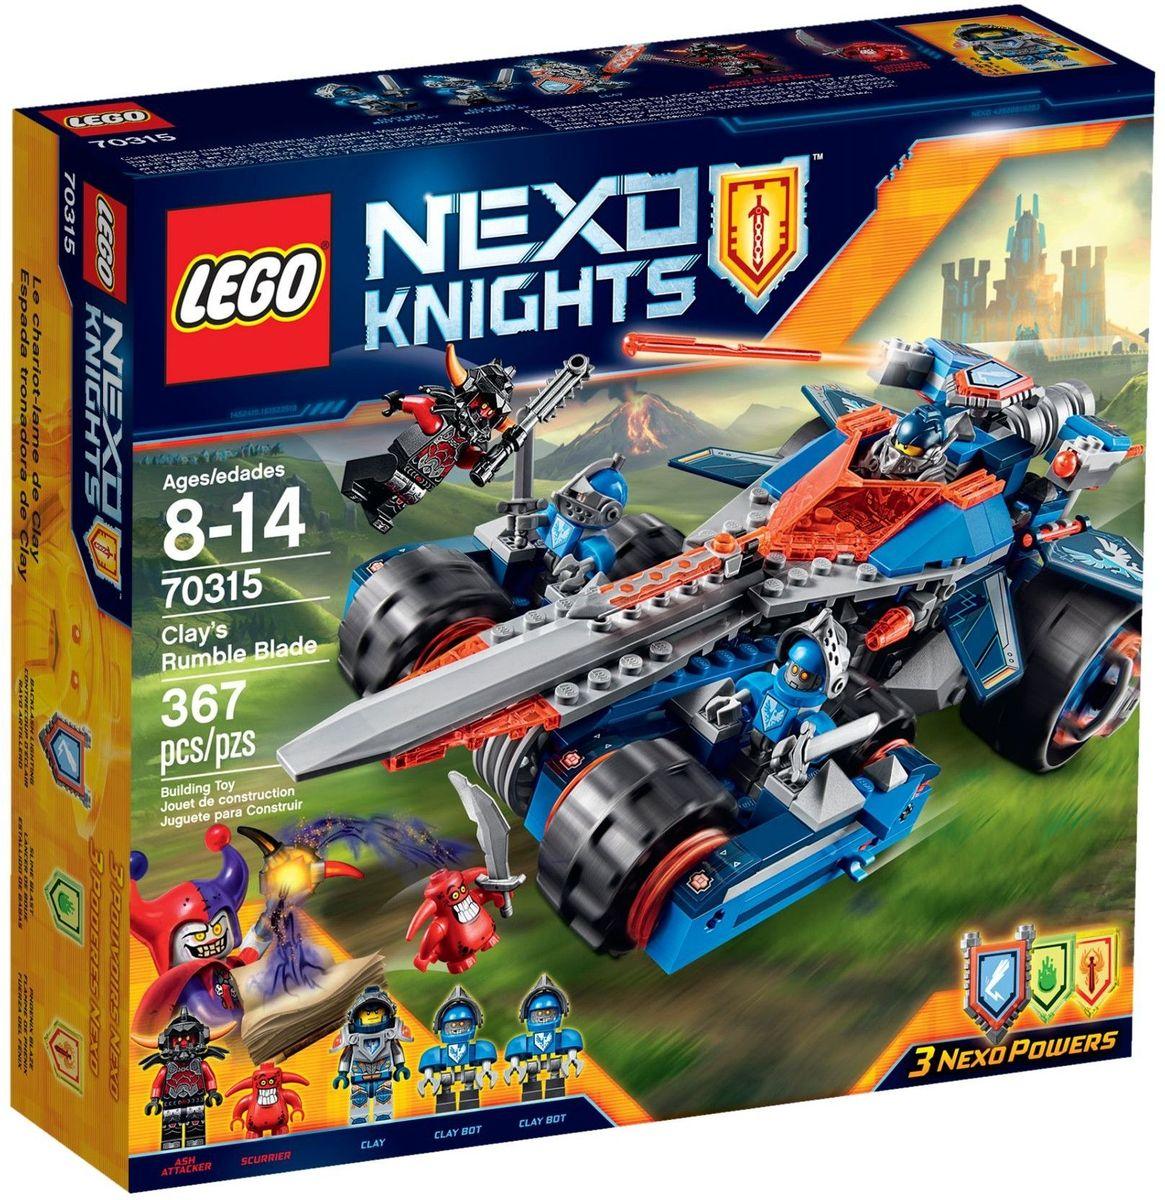 LEGO NEXO KNIGHTS Конструктор Устрашающий разрушитель Клэя 7031570315Готовьтесь к бою! Отправьте верных ботов Клэя на байках с мечами искать грозного Пеплометателя и злобного Шустрика. Запустите Клэя Мурингтона в самую гущу боя на съемном скоростном Мечемобиле и разгромите врагов ракетными снарядами! Окажется ли Клэй достойным рыцарем LEGO NEXO KNIGHTS, способным защитить королевство Найтония? В набор входит 3 щита для сканирования, дающие Nexo Силы: Ответный Разряд, Пламя Феникса и Взрыв Слизи. Набор включает в себя 367 разноцветных пластиковых элементов. Конструктор - это один из самых увлекательных и веселых способов времяпрепровождения. Ребенок сможет часами играть с конструктором, придумывая различные ситуации и истории.